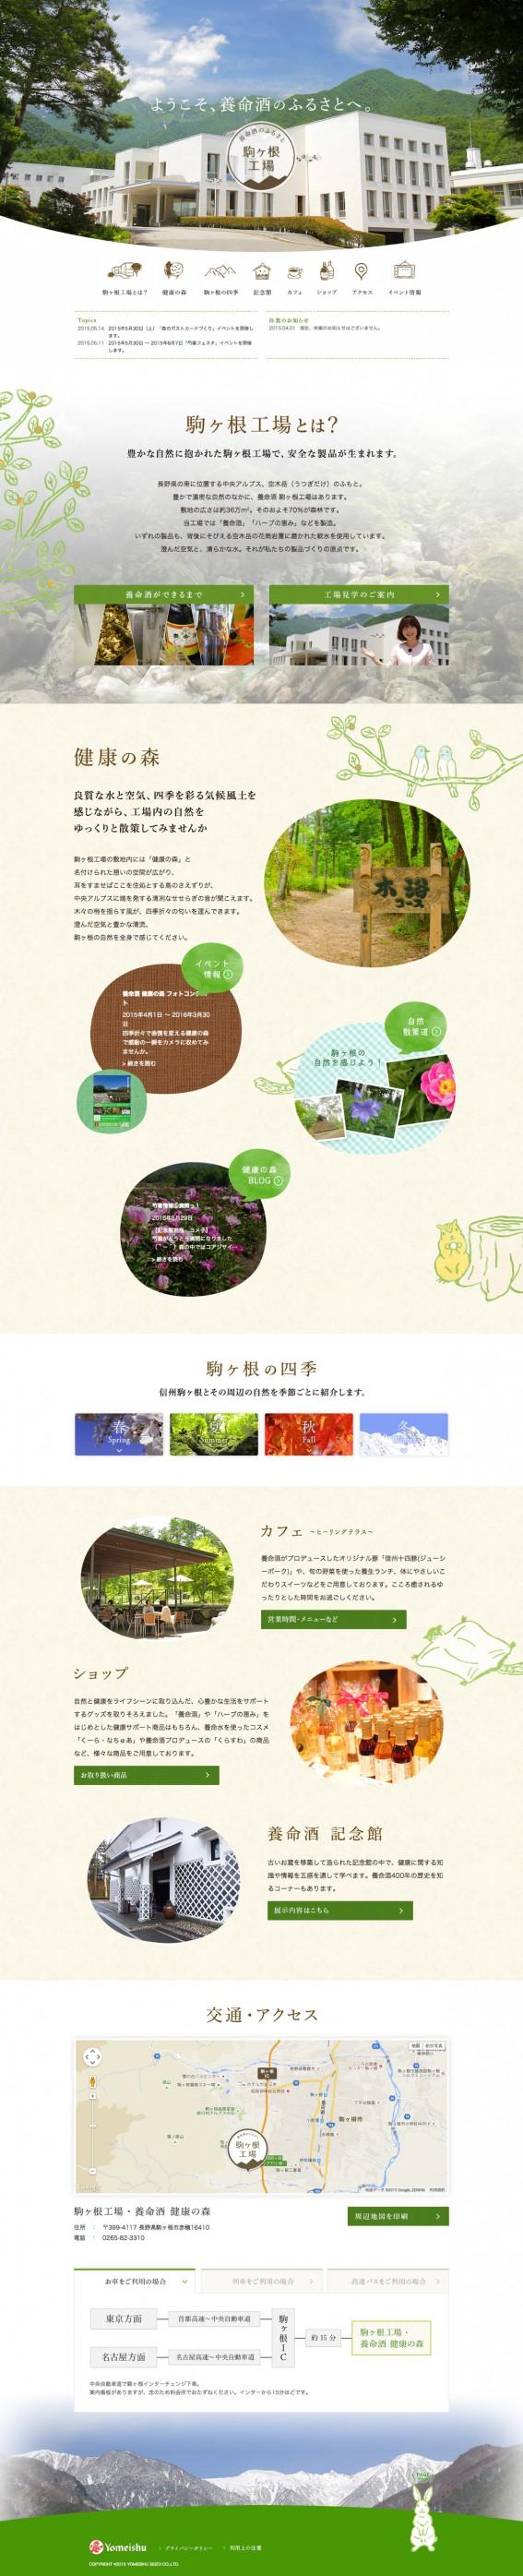 養命酒 駒ヶ根工場 健康の森のwebデザイン Webデザインギャラリー Lp デザイン デザイン Webデザイン